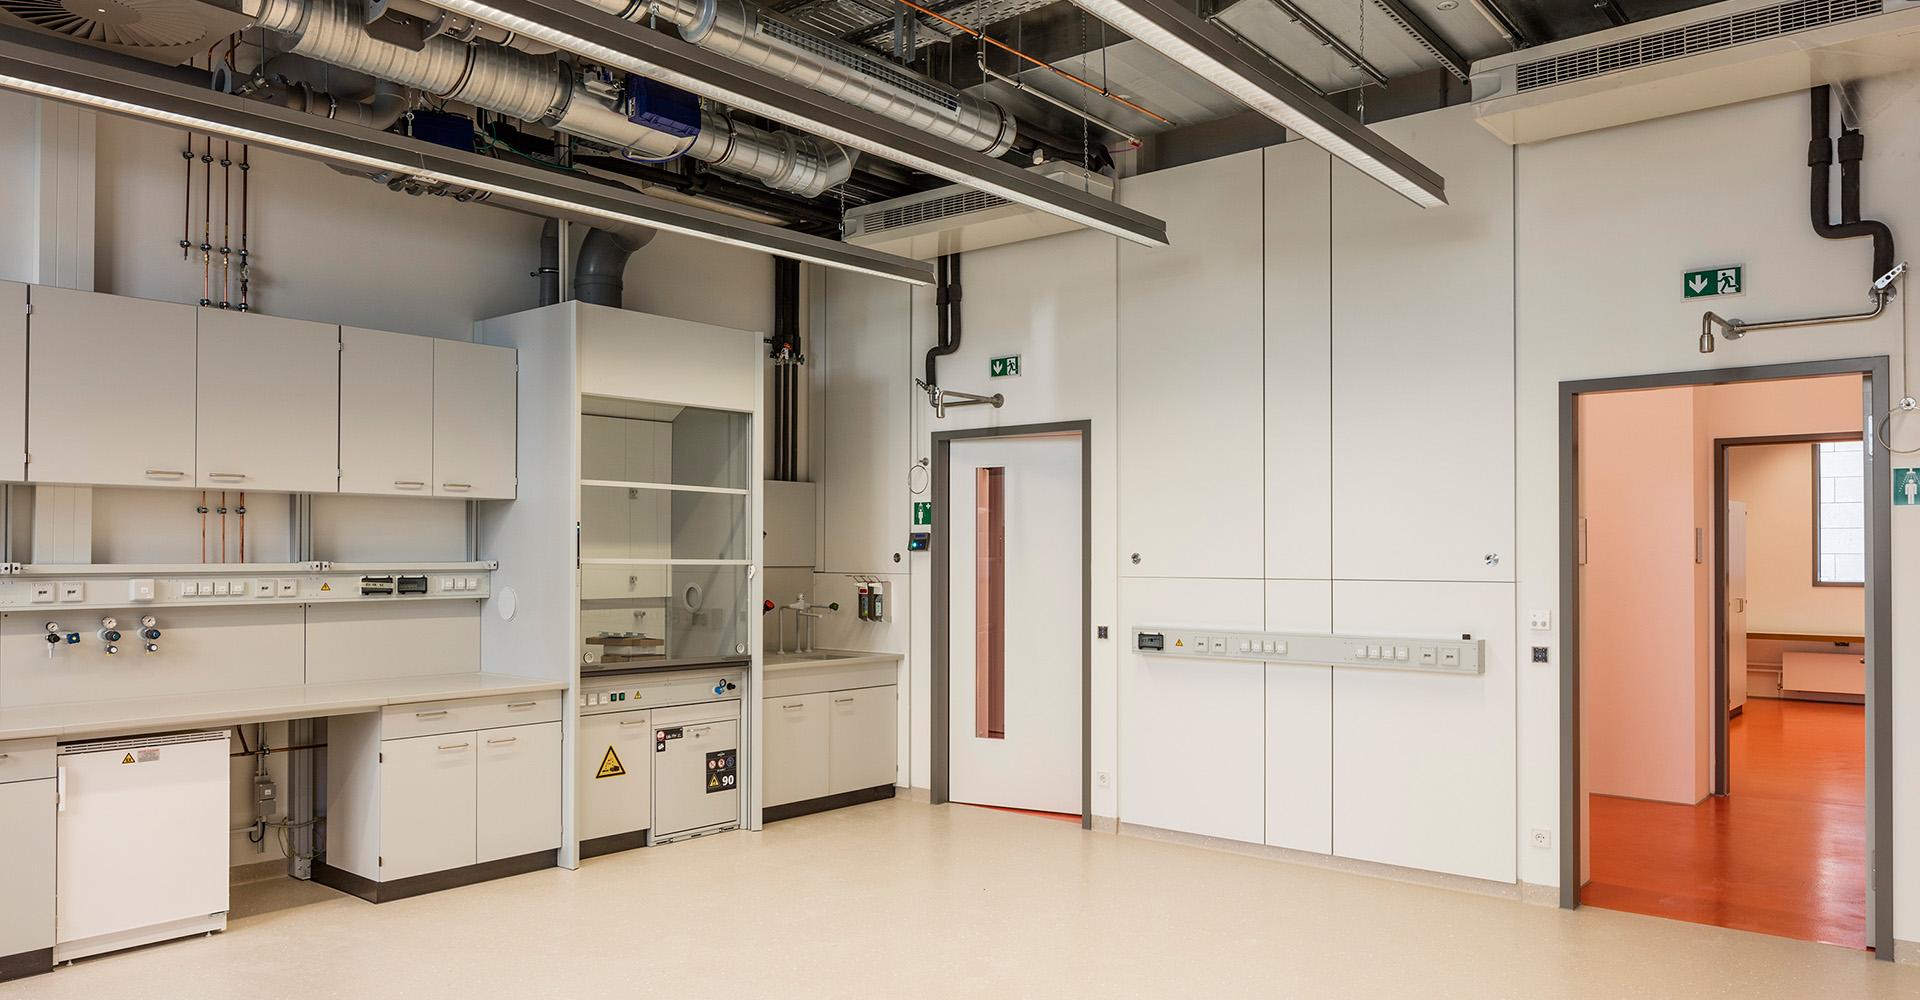 Max-Planck-Institut Für Intelligente Systeme (MPI IS) In Tübingen 1 - ArGe Architekten